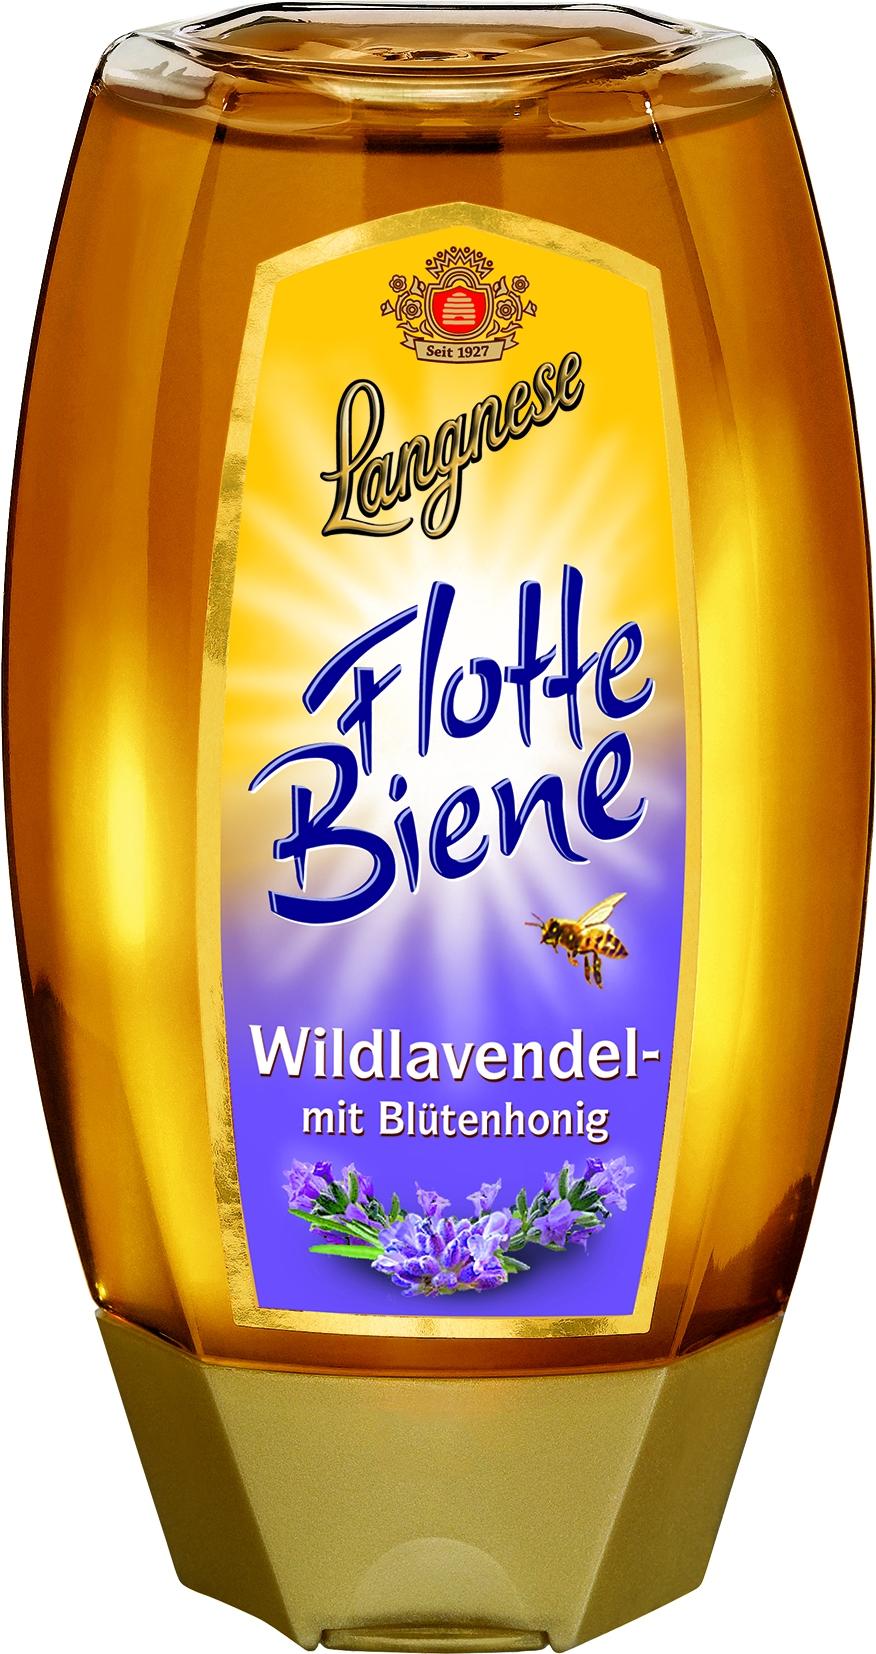 Flotte Biene Wildlavendel